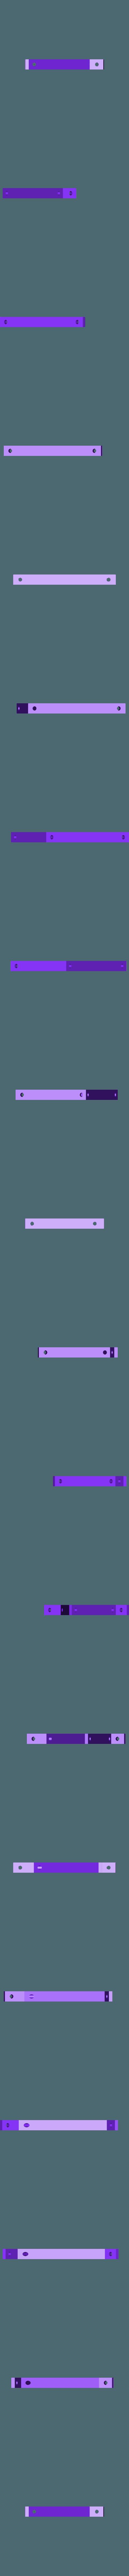 KastLamp1.stl Télécharger fichier STL gratuit 2 abat-jour pour un luminaire E14 • Modèle pour impression 3D, Rudddy